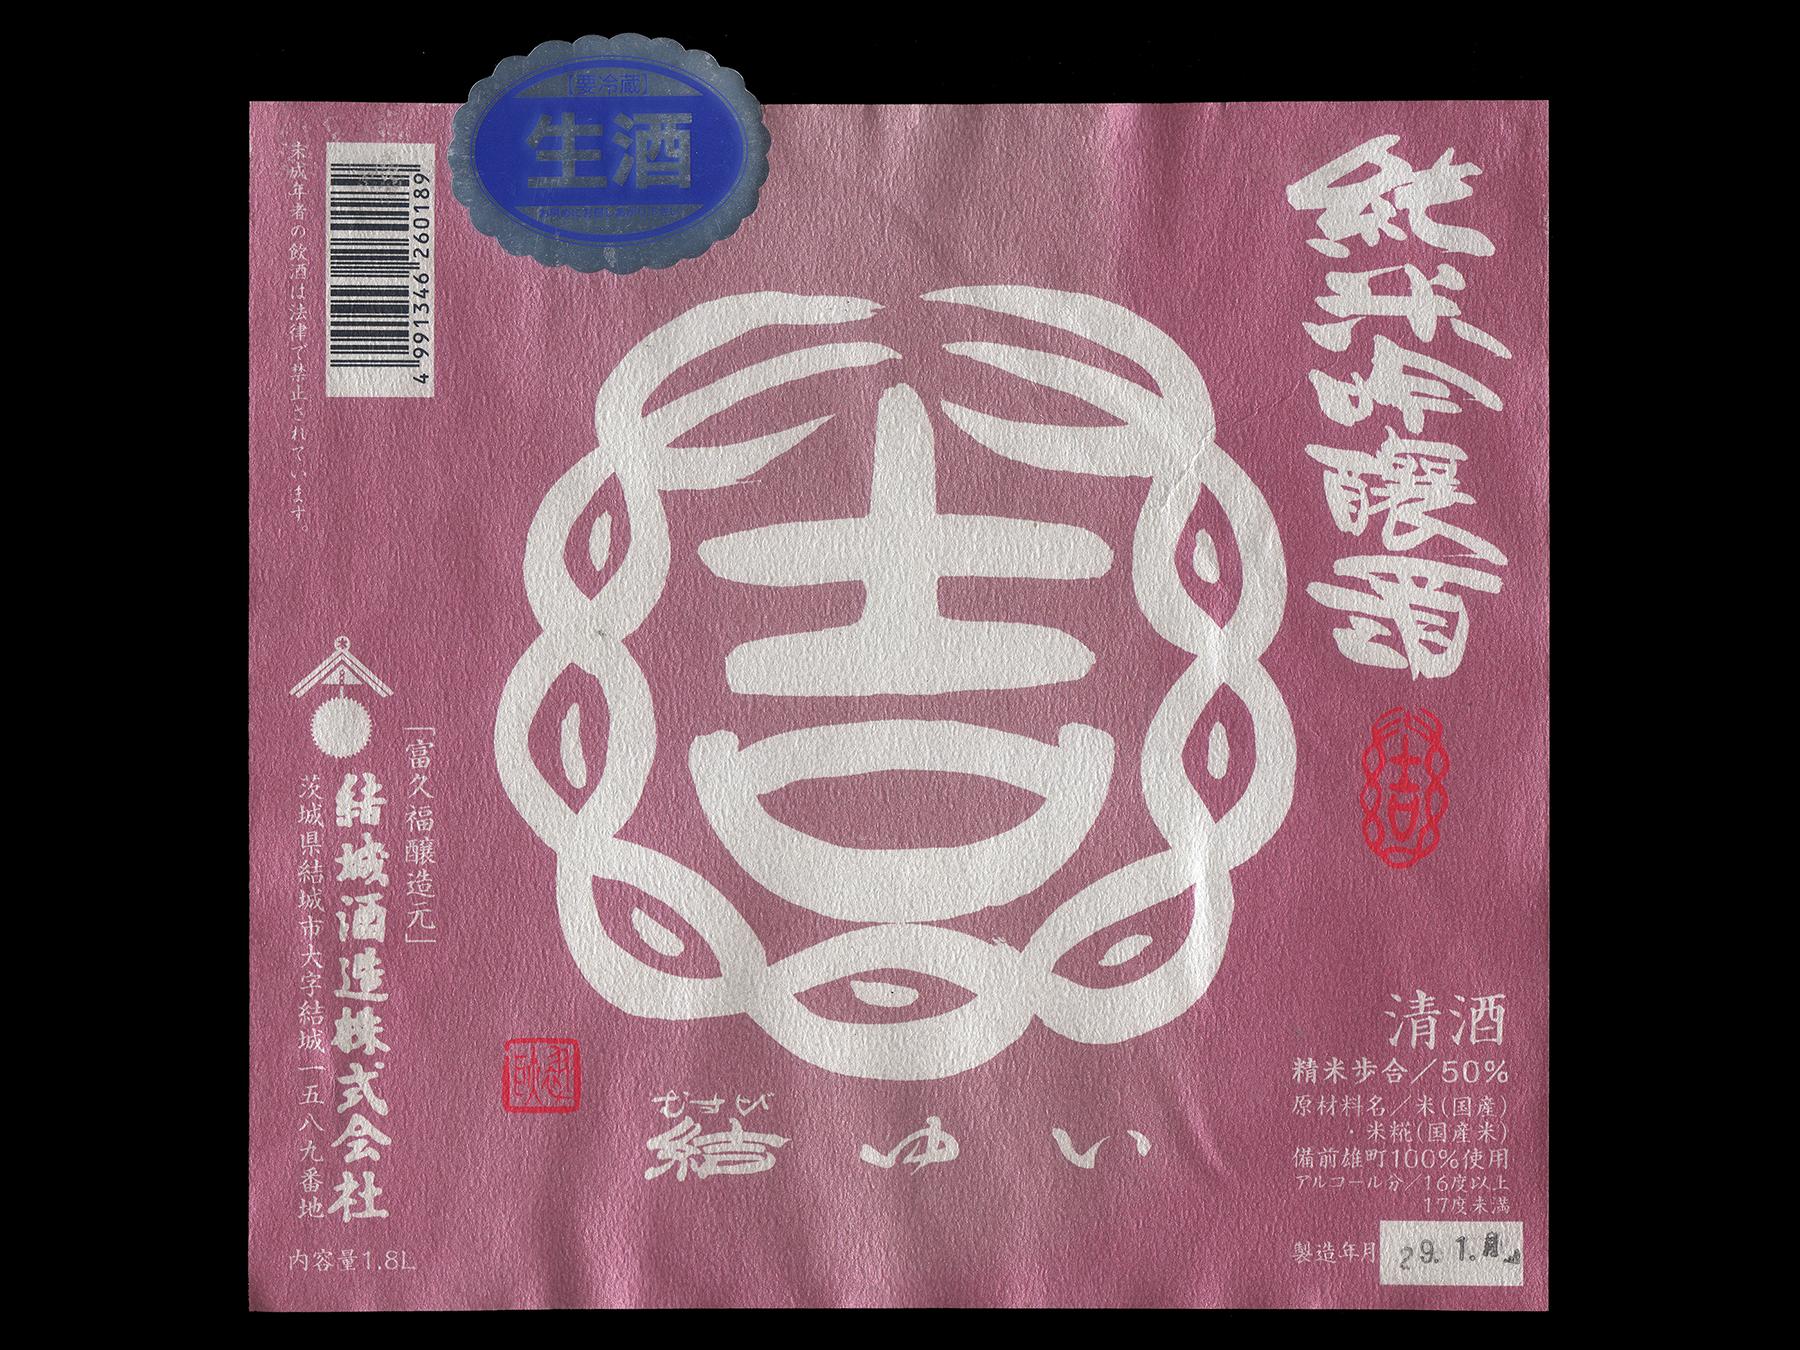 結ゆい(むすびゆい)「純米吟醸」備前雄町亀口直汲み無濾過生原酒ラベル